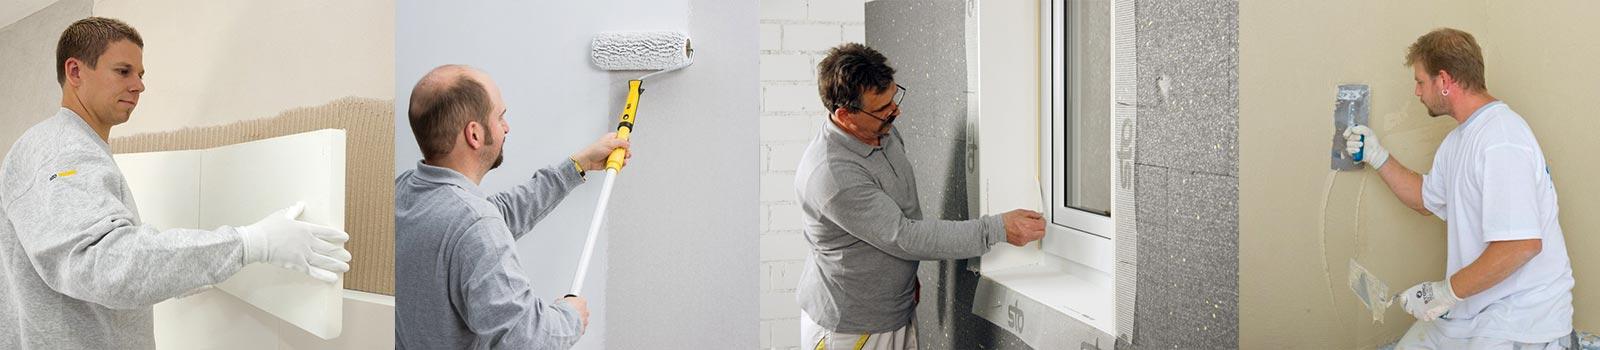 Mitarbeiter der 3B Denkmalpflege & Bausanierung GmbH beim Wand dämmen, anstreichen, verklebung entfernen und verputzen.